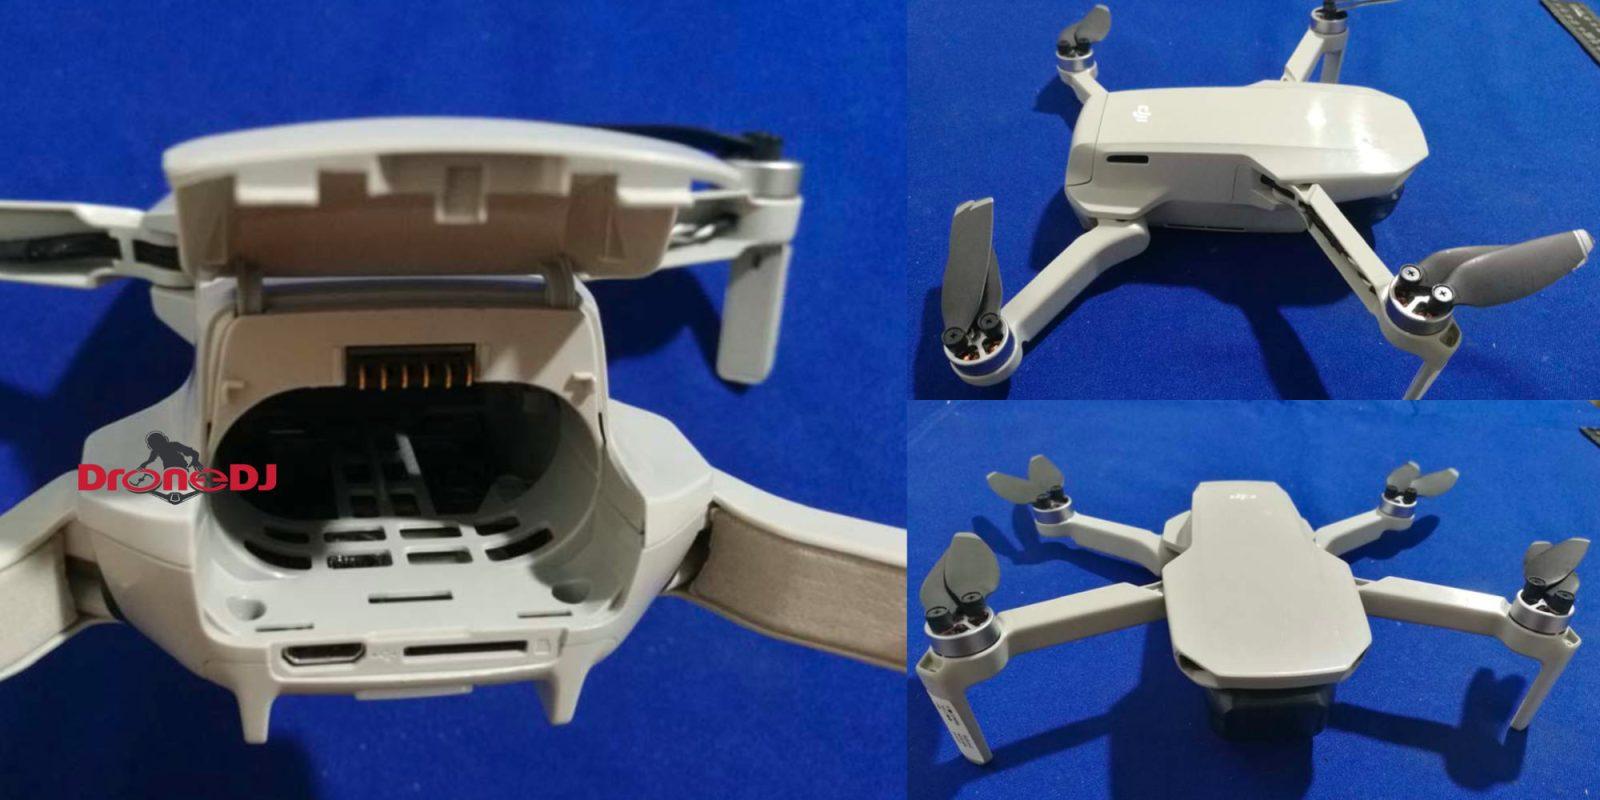 DJI's Mavic Mini drone will cost $399 and have a 4k camera ...